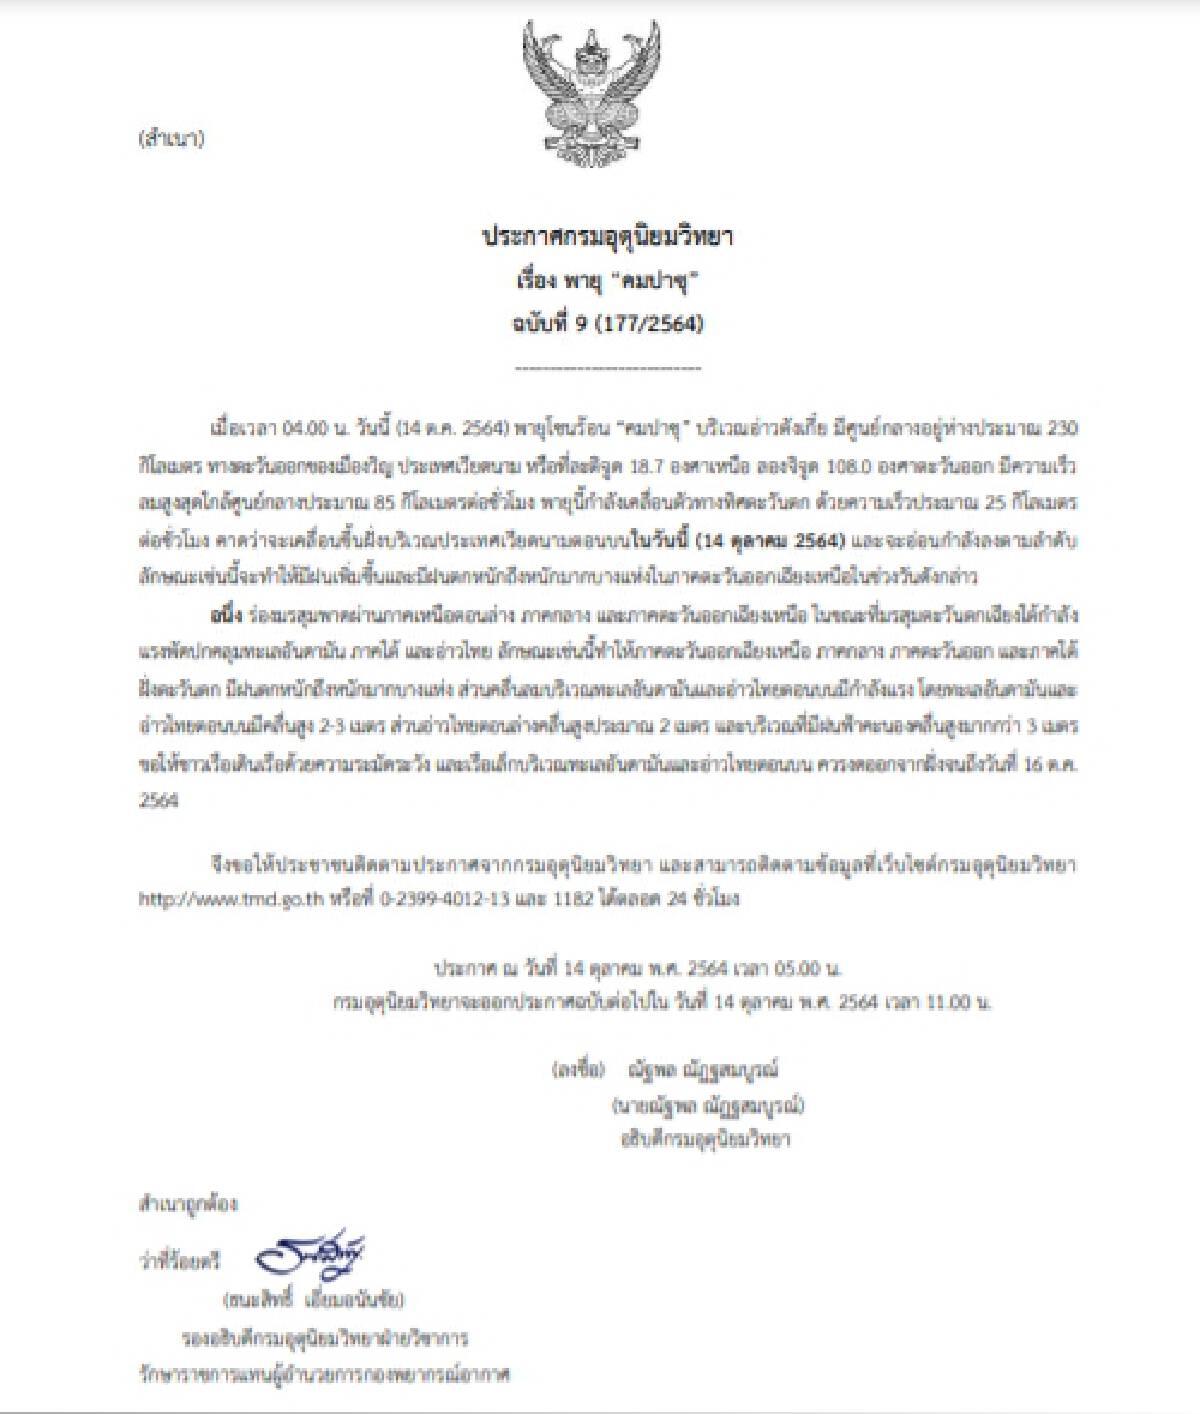 """อุตุฯ เผย """"คมปาซุ""""ขึ้นฝั่งเวียดนามวันนี้ ส่งผลอีสานฝนตกหนักถึงหนักมาก"""